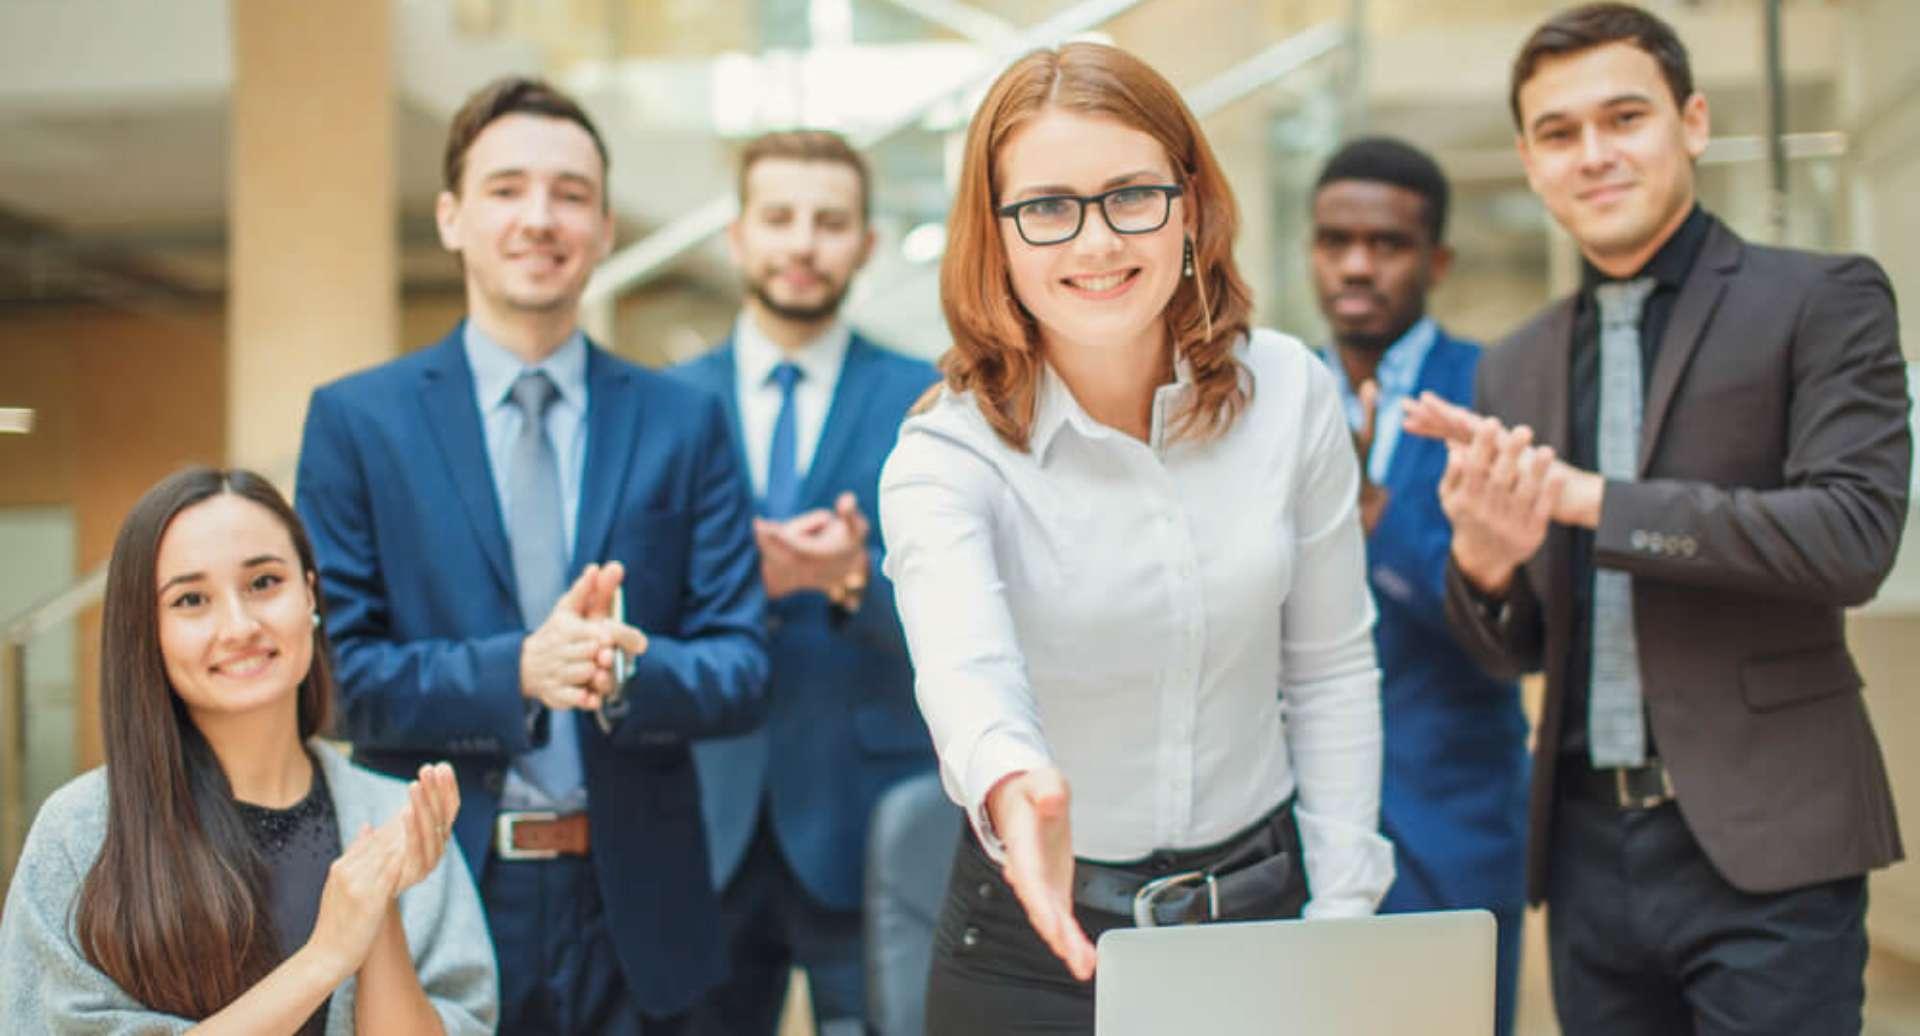 Ética Profissional: você tem colaboradores de alto nível?